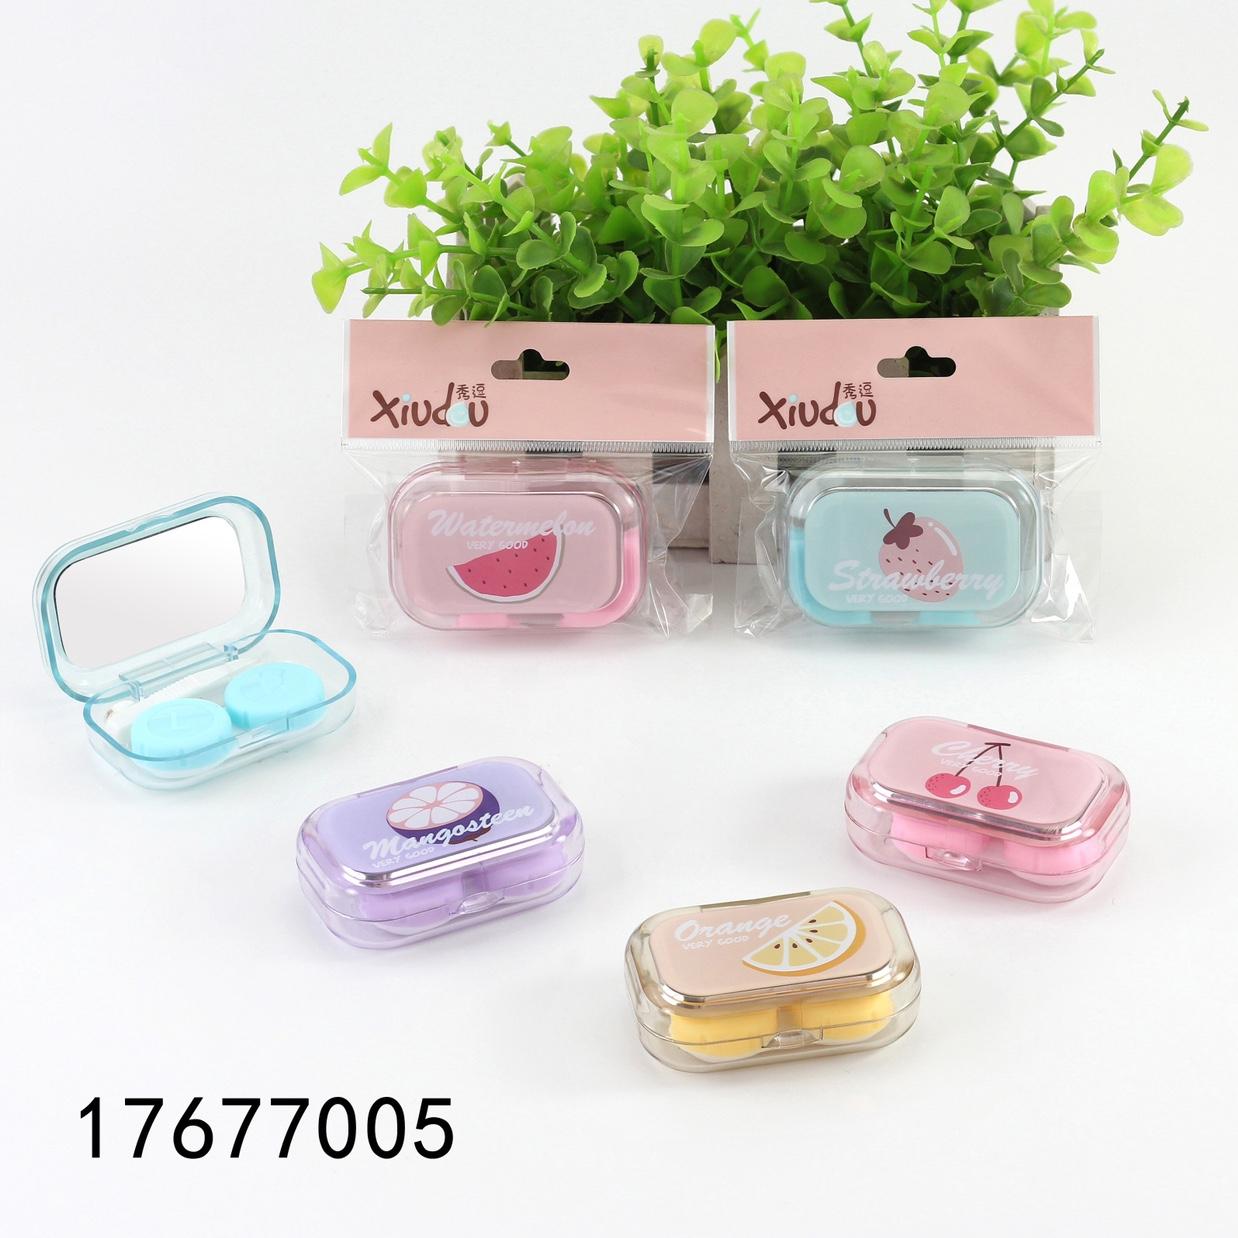 隐形眼镜盒 美瞳盒